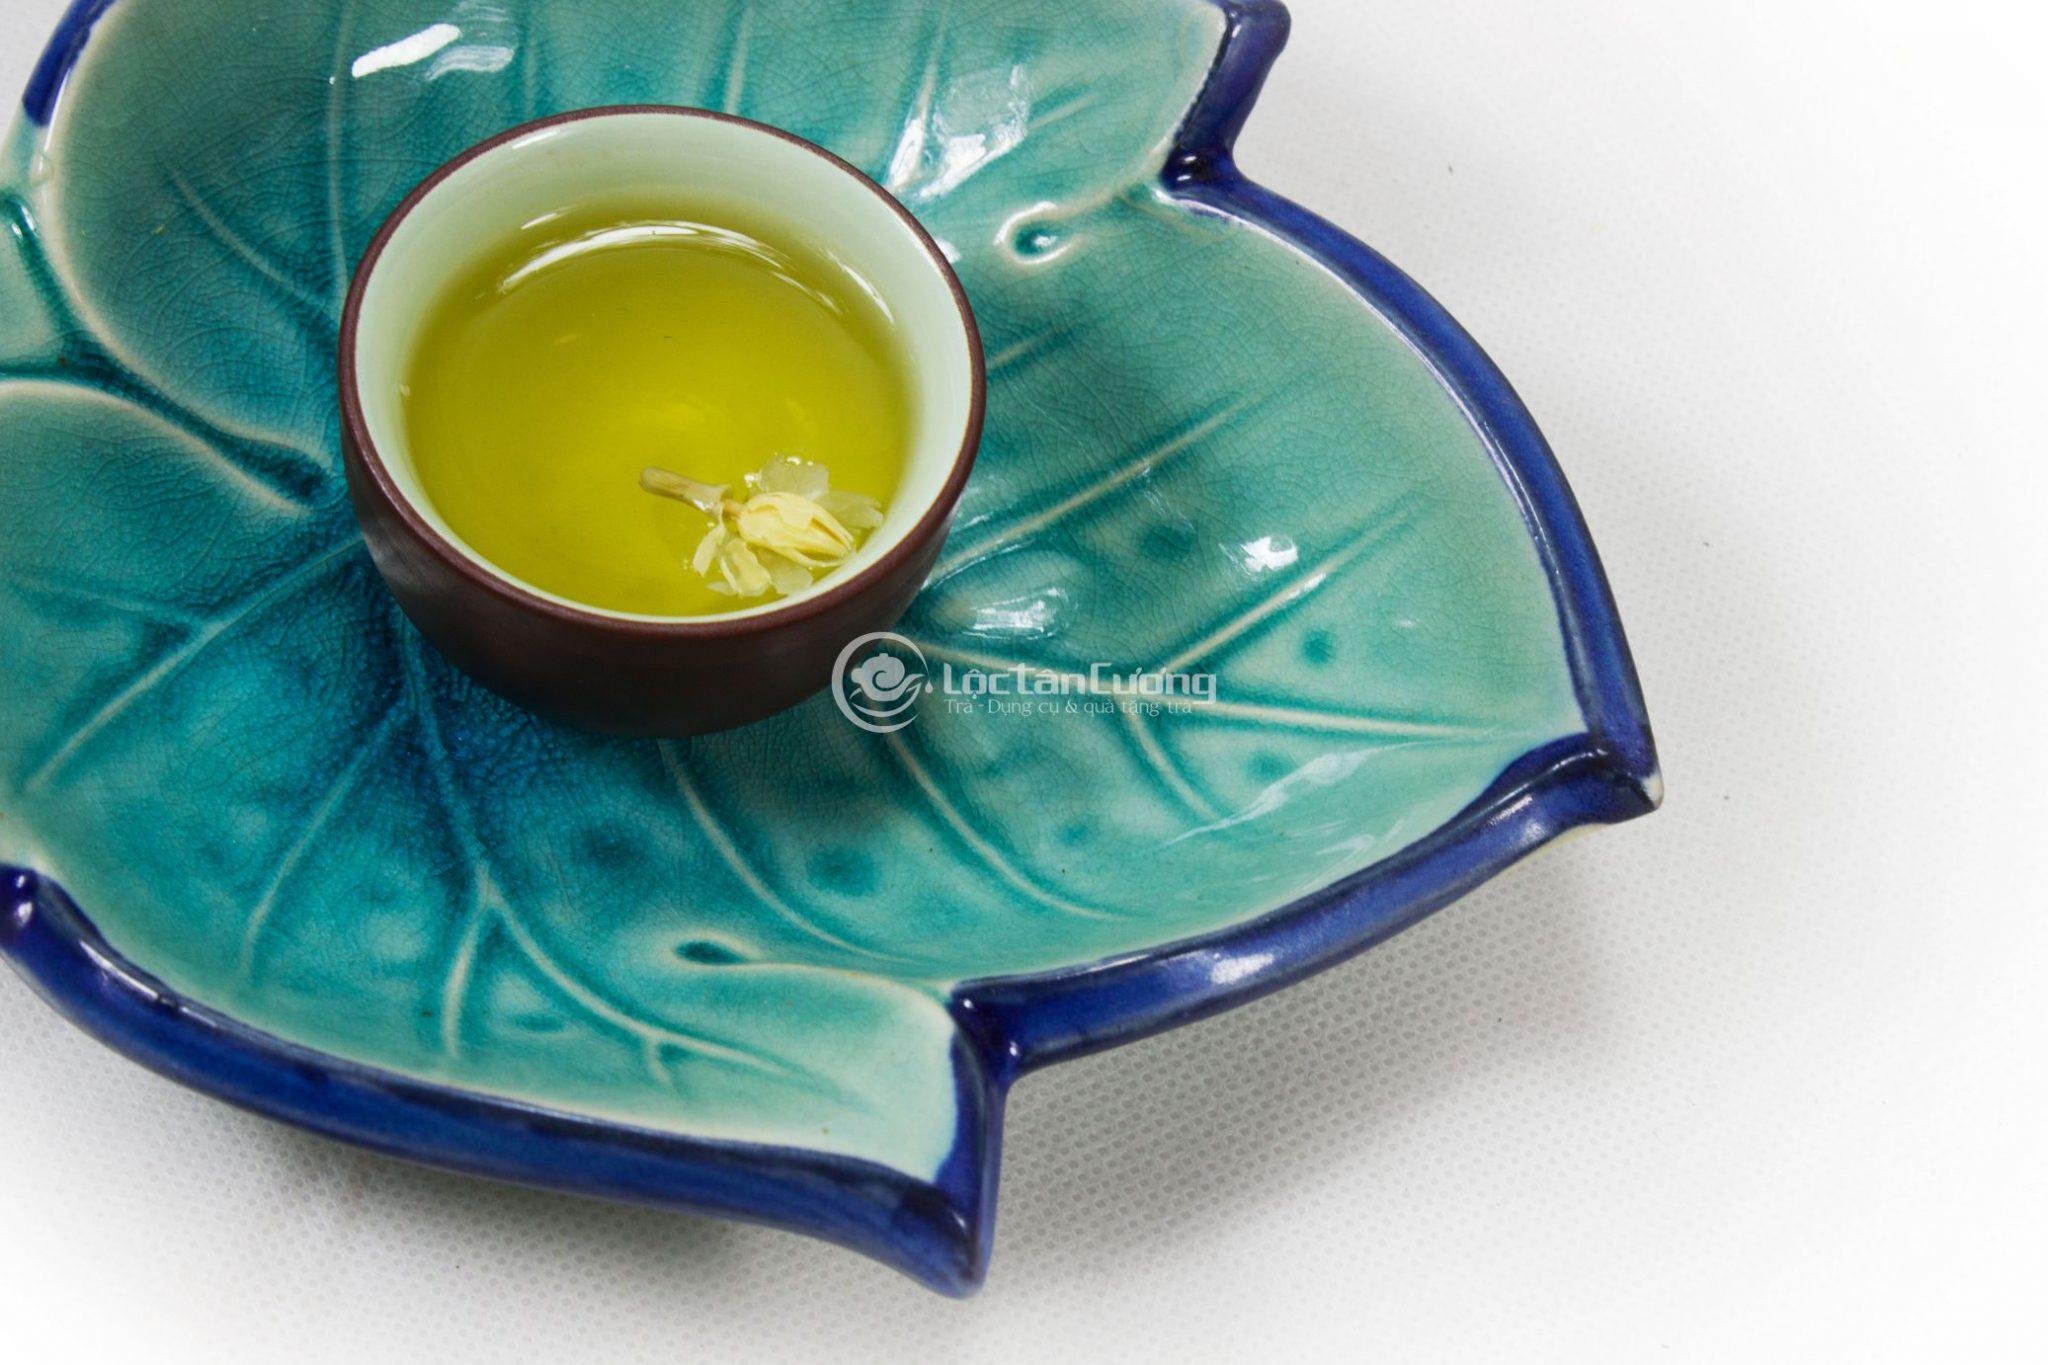 Trà hoa lài nói riêng và các loại trà nói chung đều rất tốt cho sức khỏe nếu được sử dụng đúng cách